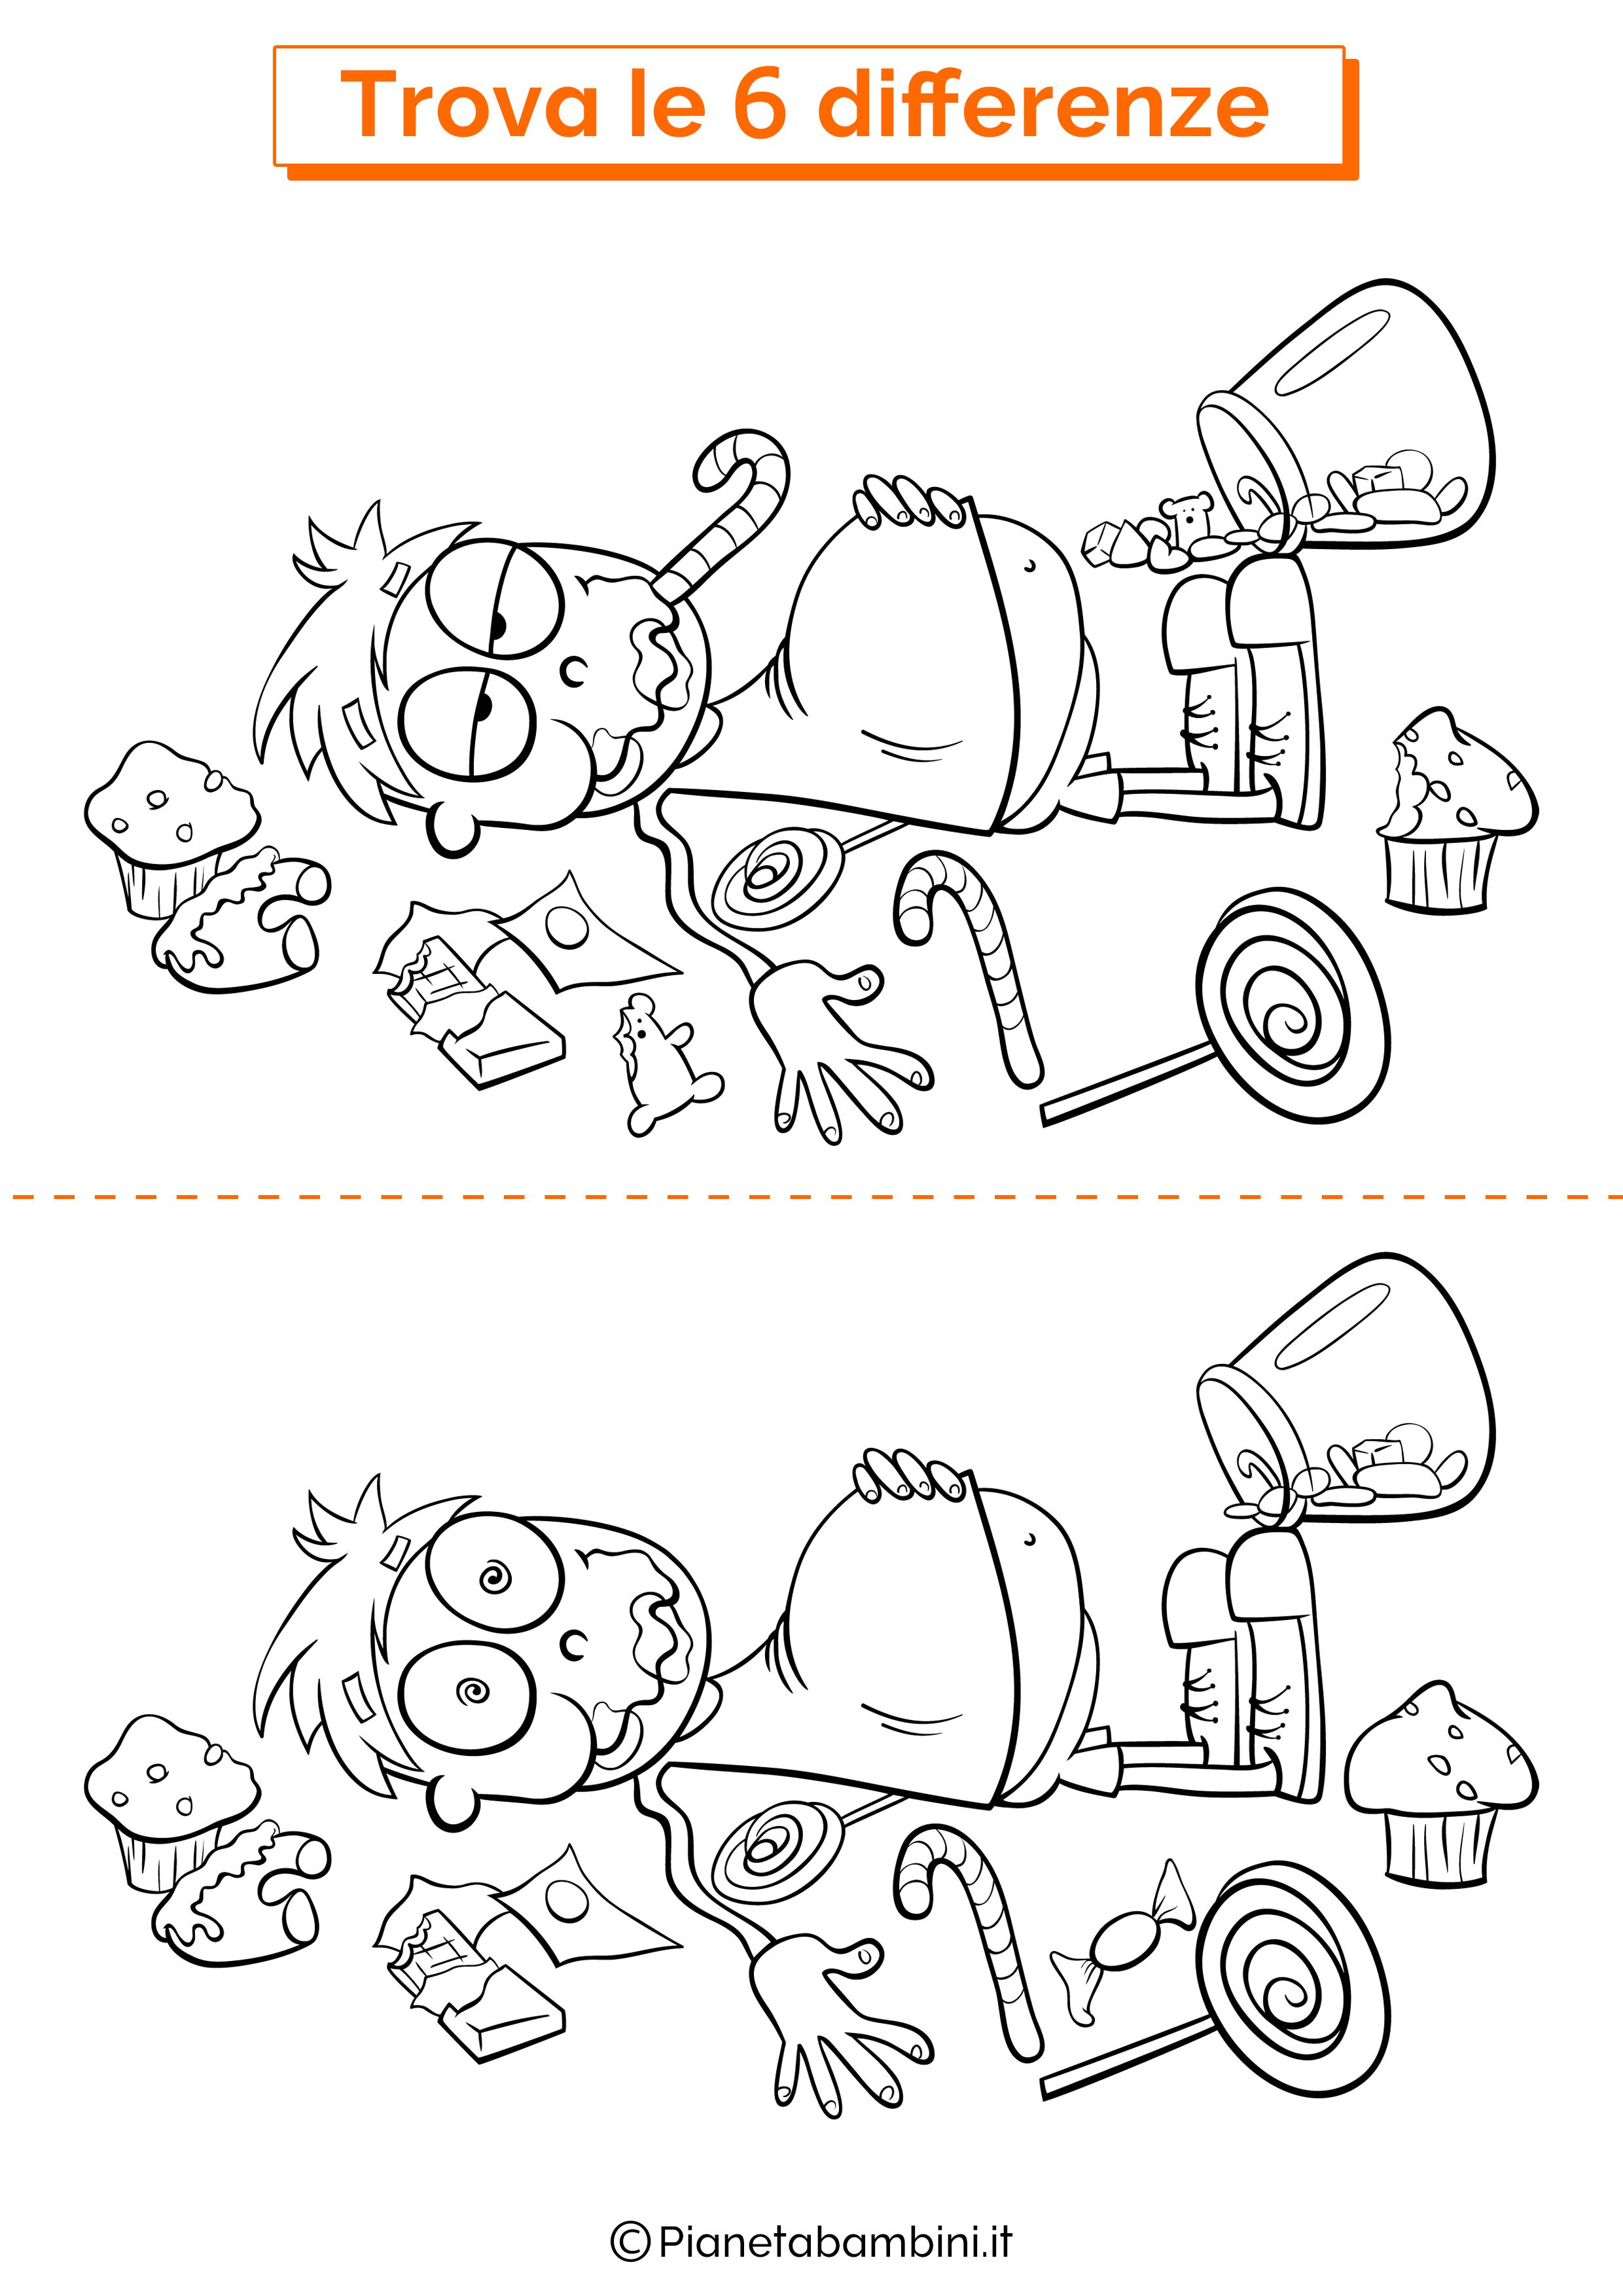 Disegno trova 6 differenze bambino e dolci